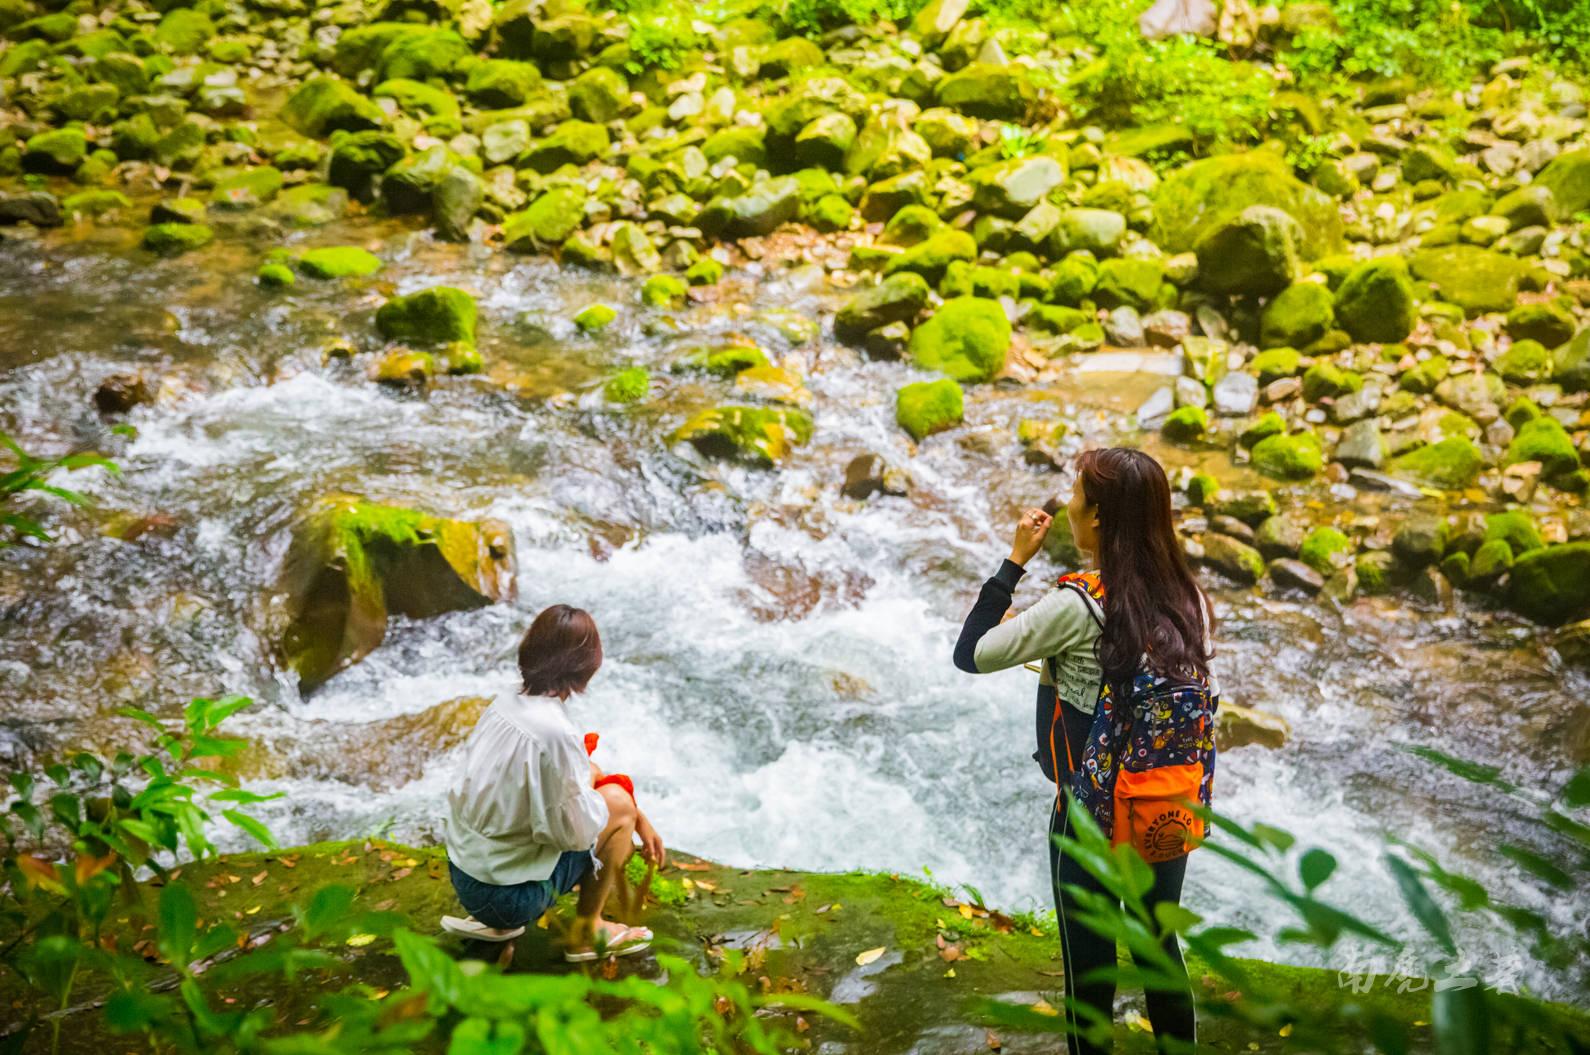 绿树,碧水,清凉,一条顶级的徒步避暑峡谷,暑假走起